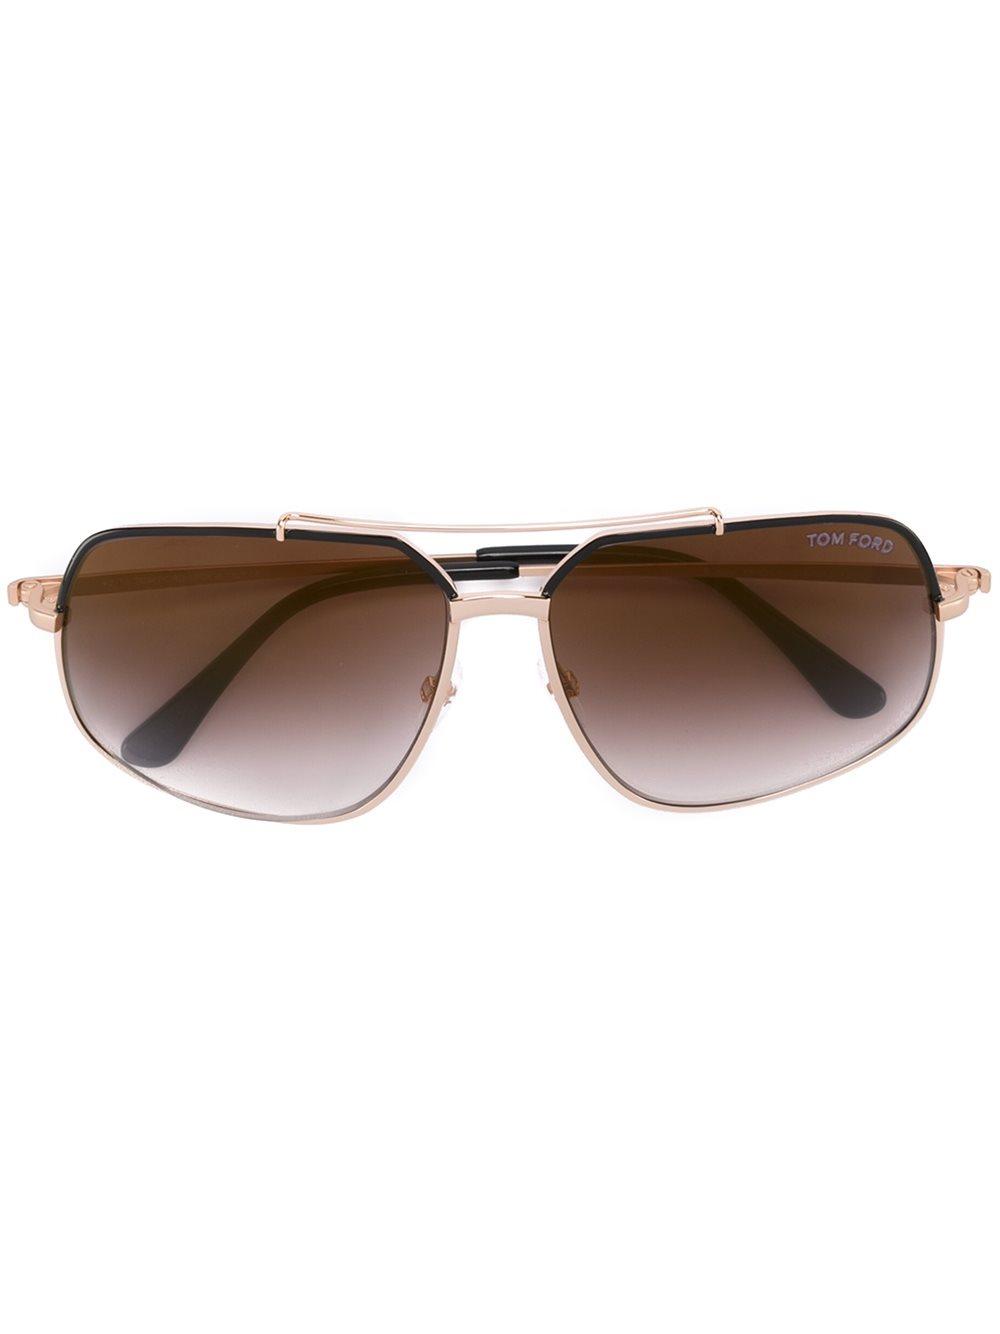 Gold Frame Rectangular Sunglasses : Tom ford Rectangular Frame Sunglasses in Metallic for Men ...